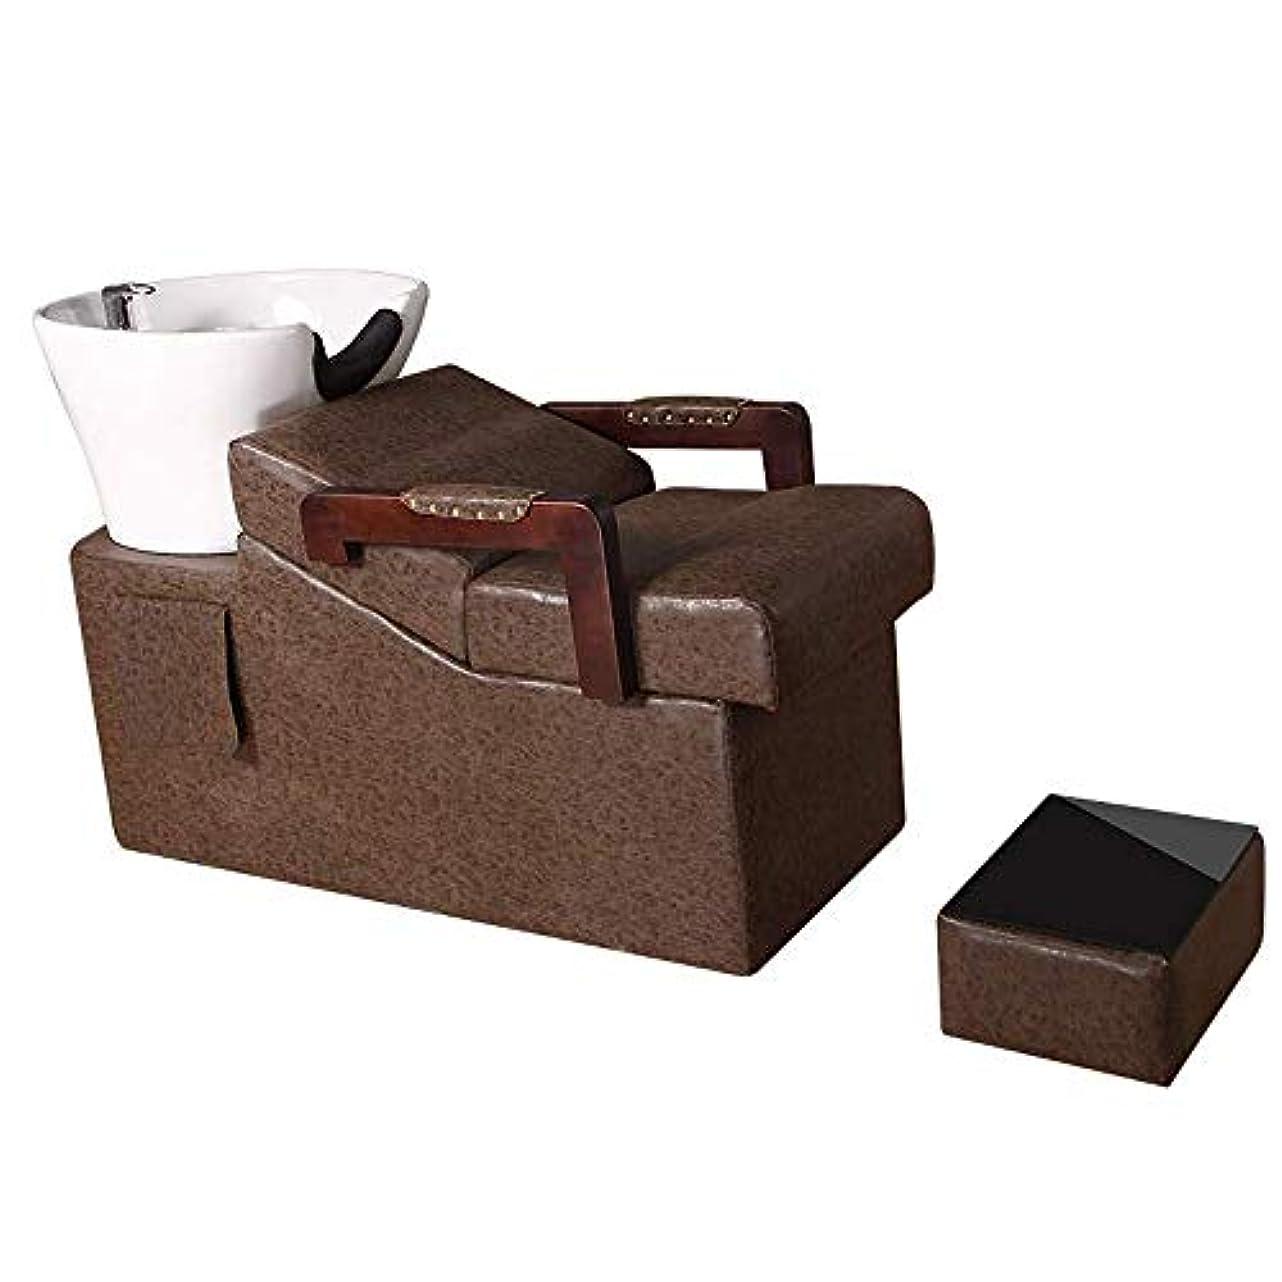 子豚火炎革命シャンプーバーバー逆洗椅子、スパビューティーサロン装置特殊シャンプーベッドのための逆洗ユニットシャンプーボウル理髪シンクチェア